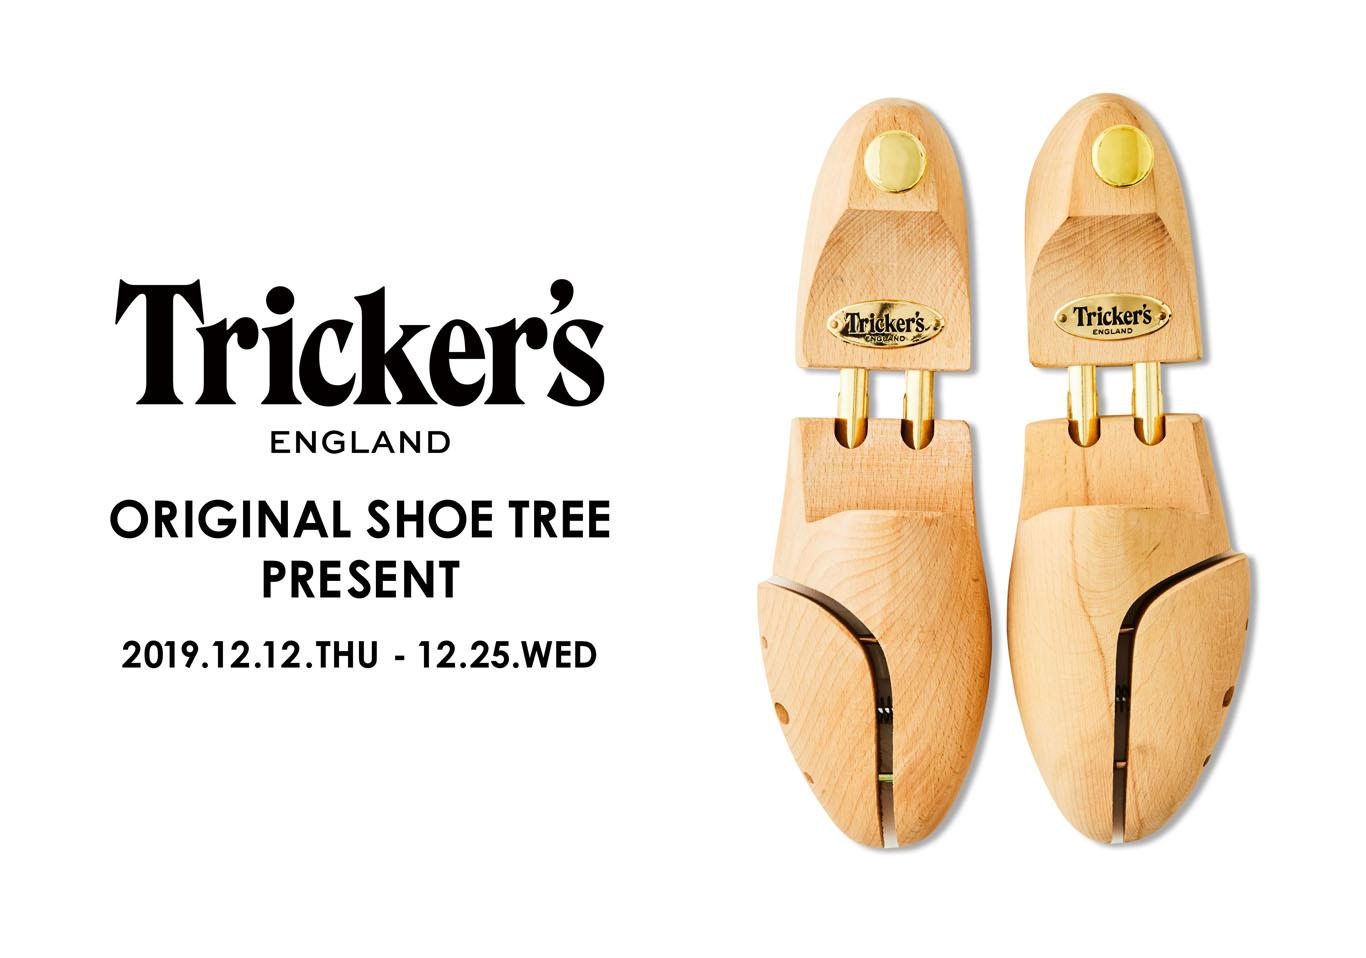 Tricker'sオリジナルシューツリープレゼントキャンペーン【このキャンペーンは終了致しました。】-画像_01